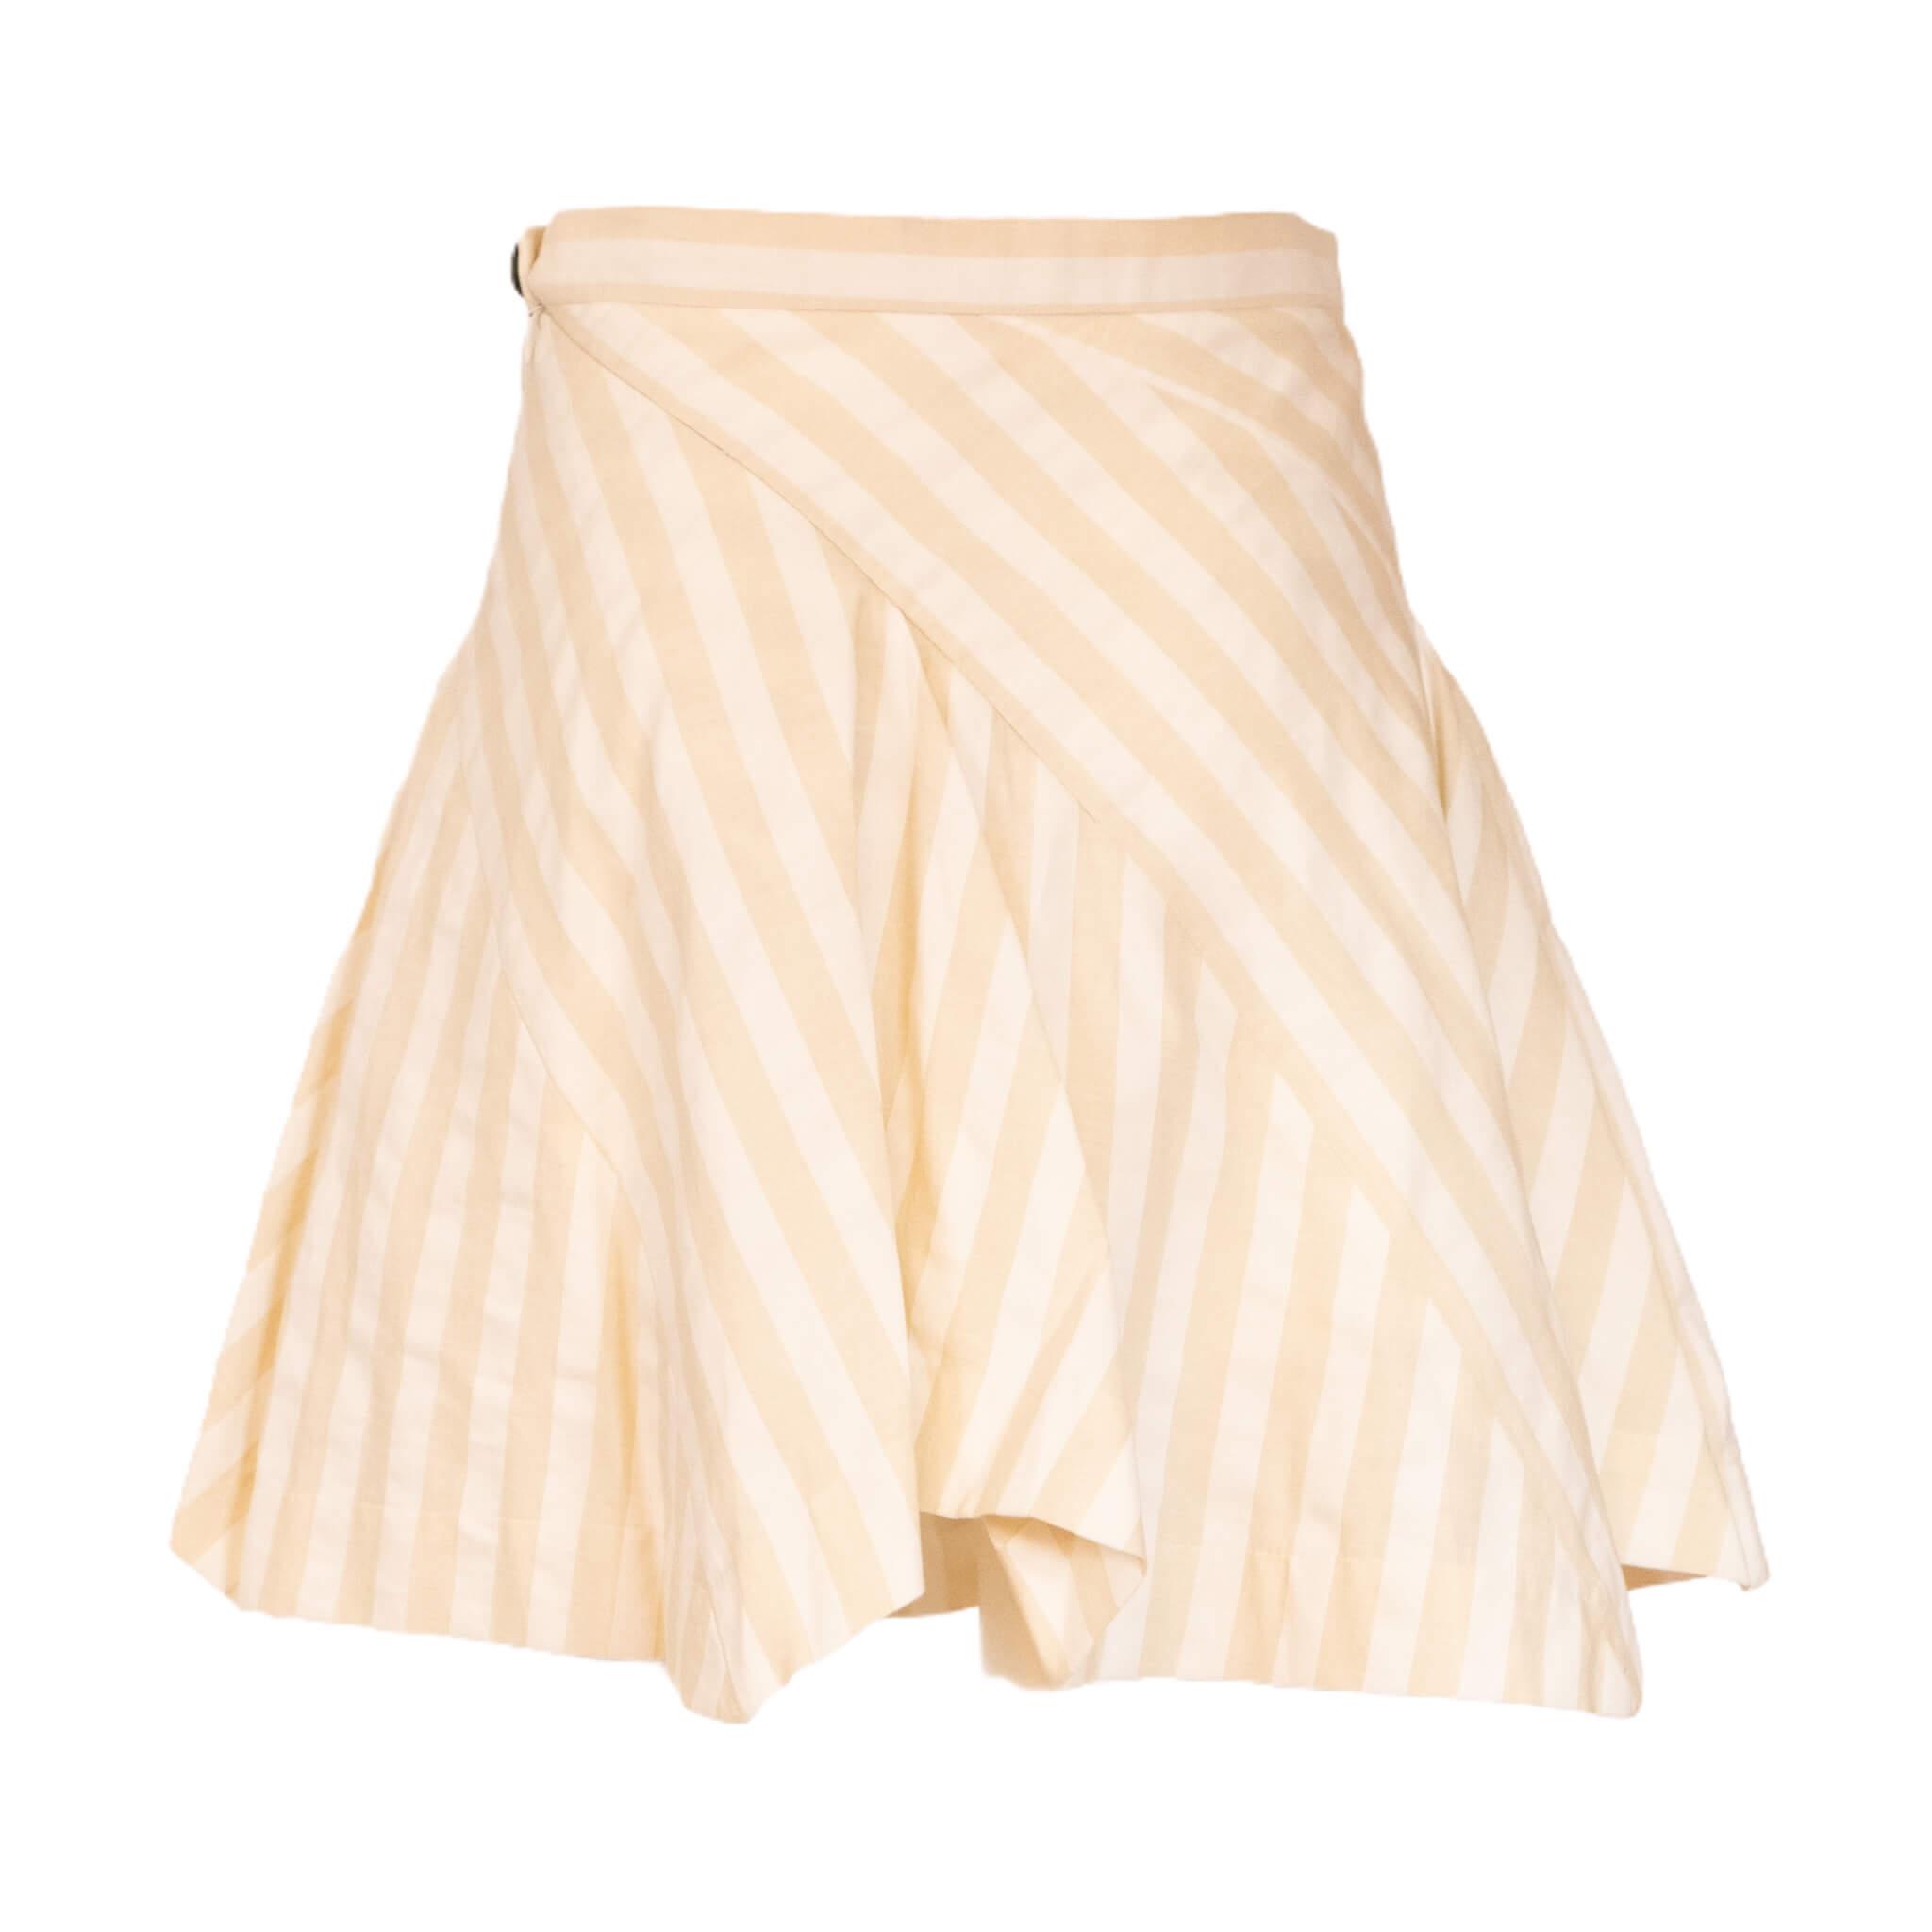 Vivienne Westwood Zig Zag Cream Skirt